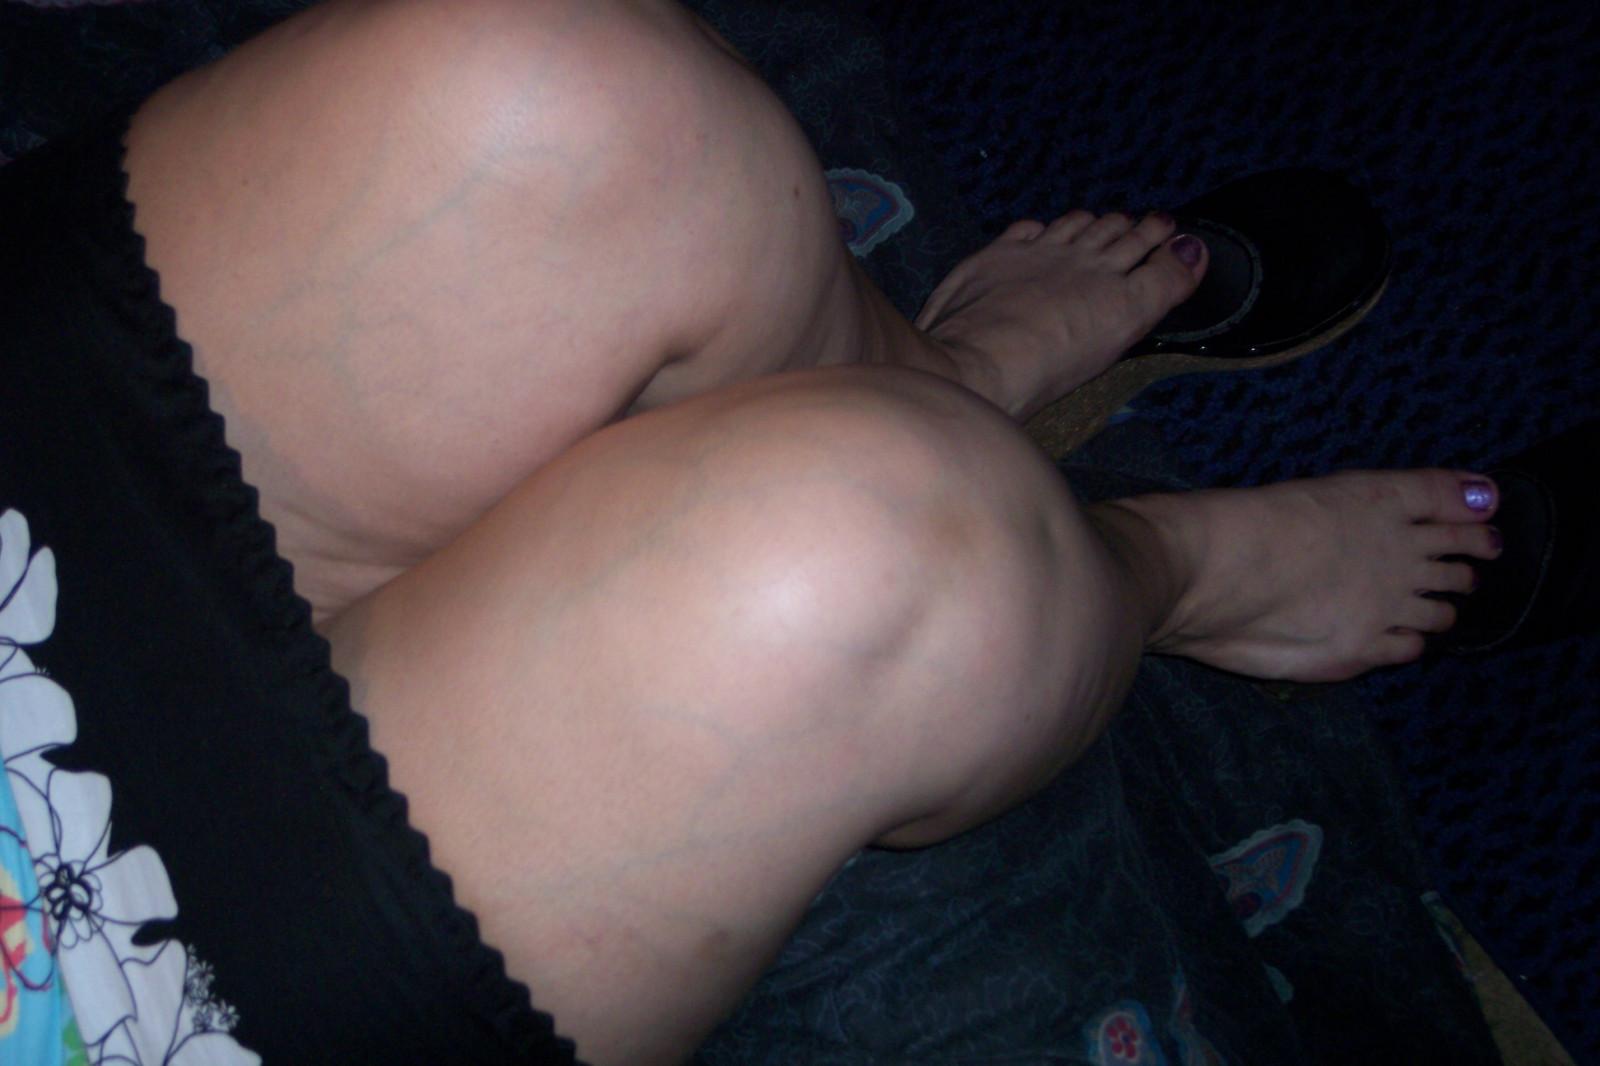 δωρεάν ζεστό μουνί Ασιατικό ερασιτεχνικό πορνό